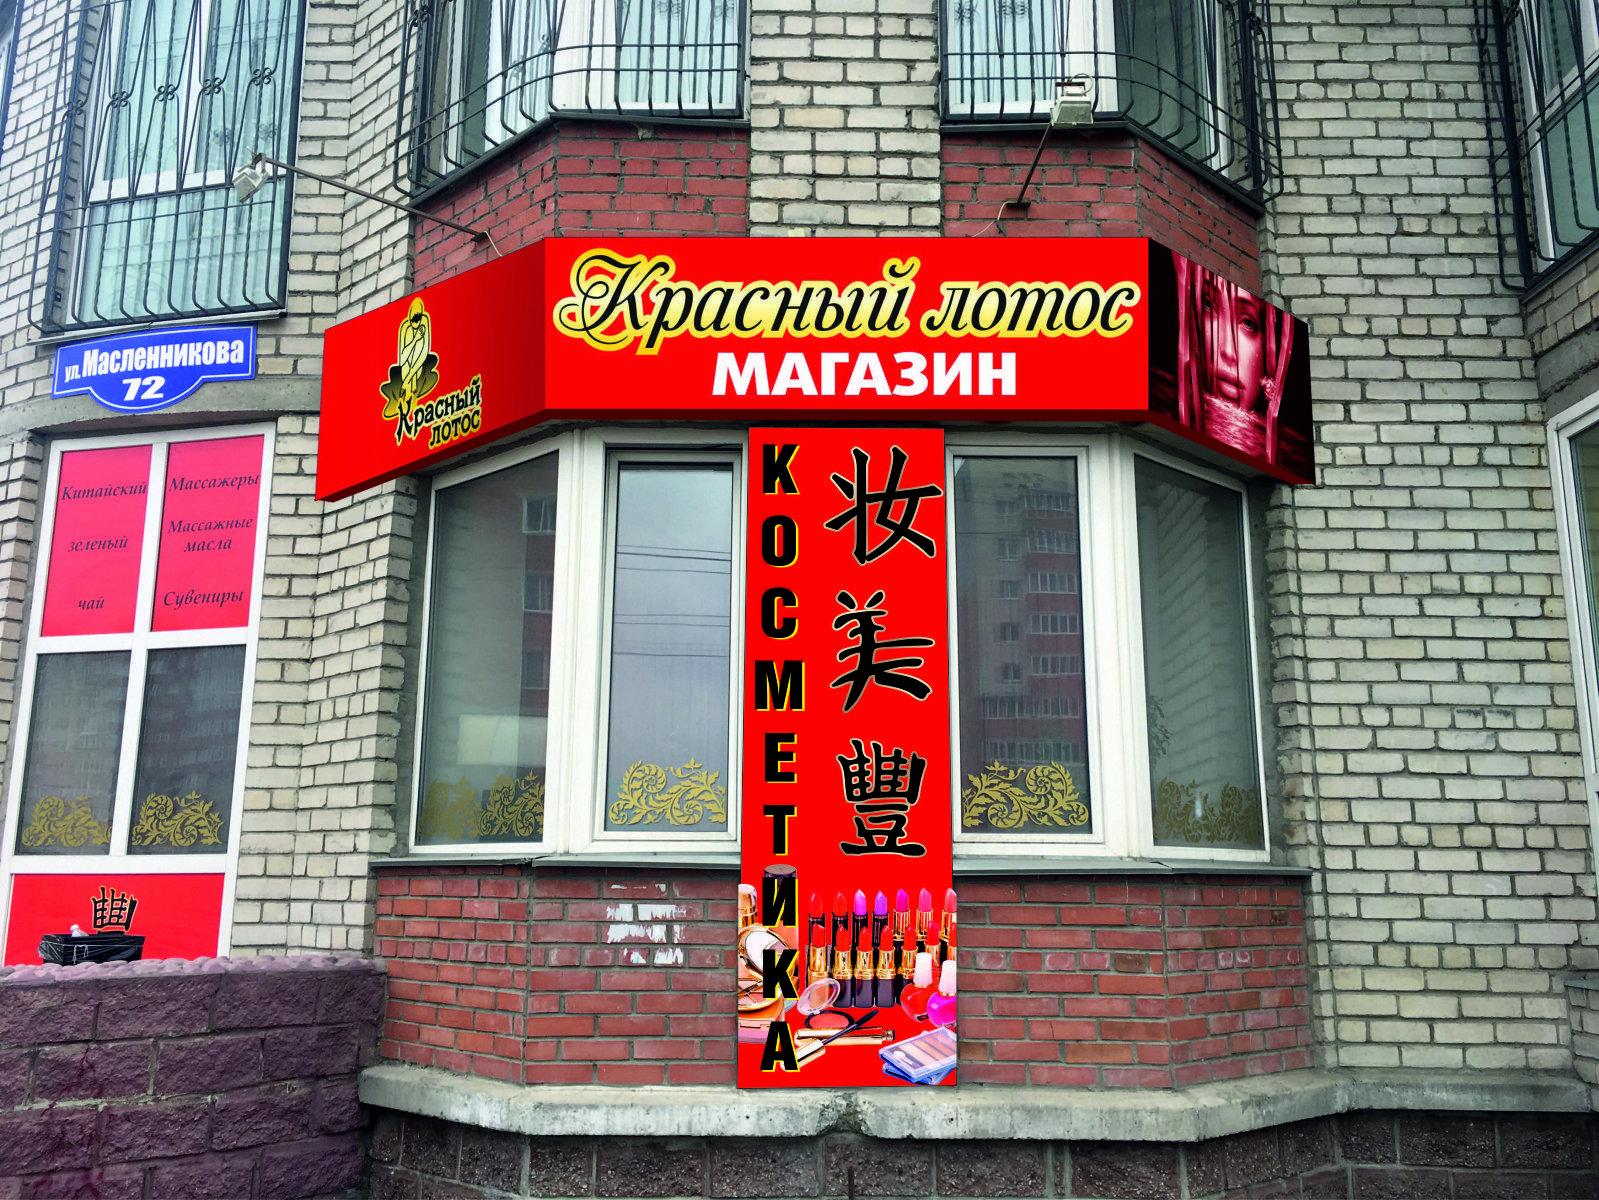 Где купить китайскую косметику в омске косметика инглот москва где купить